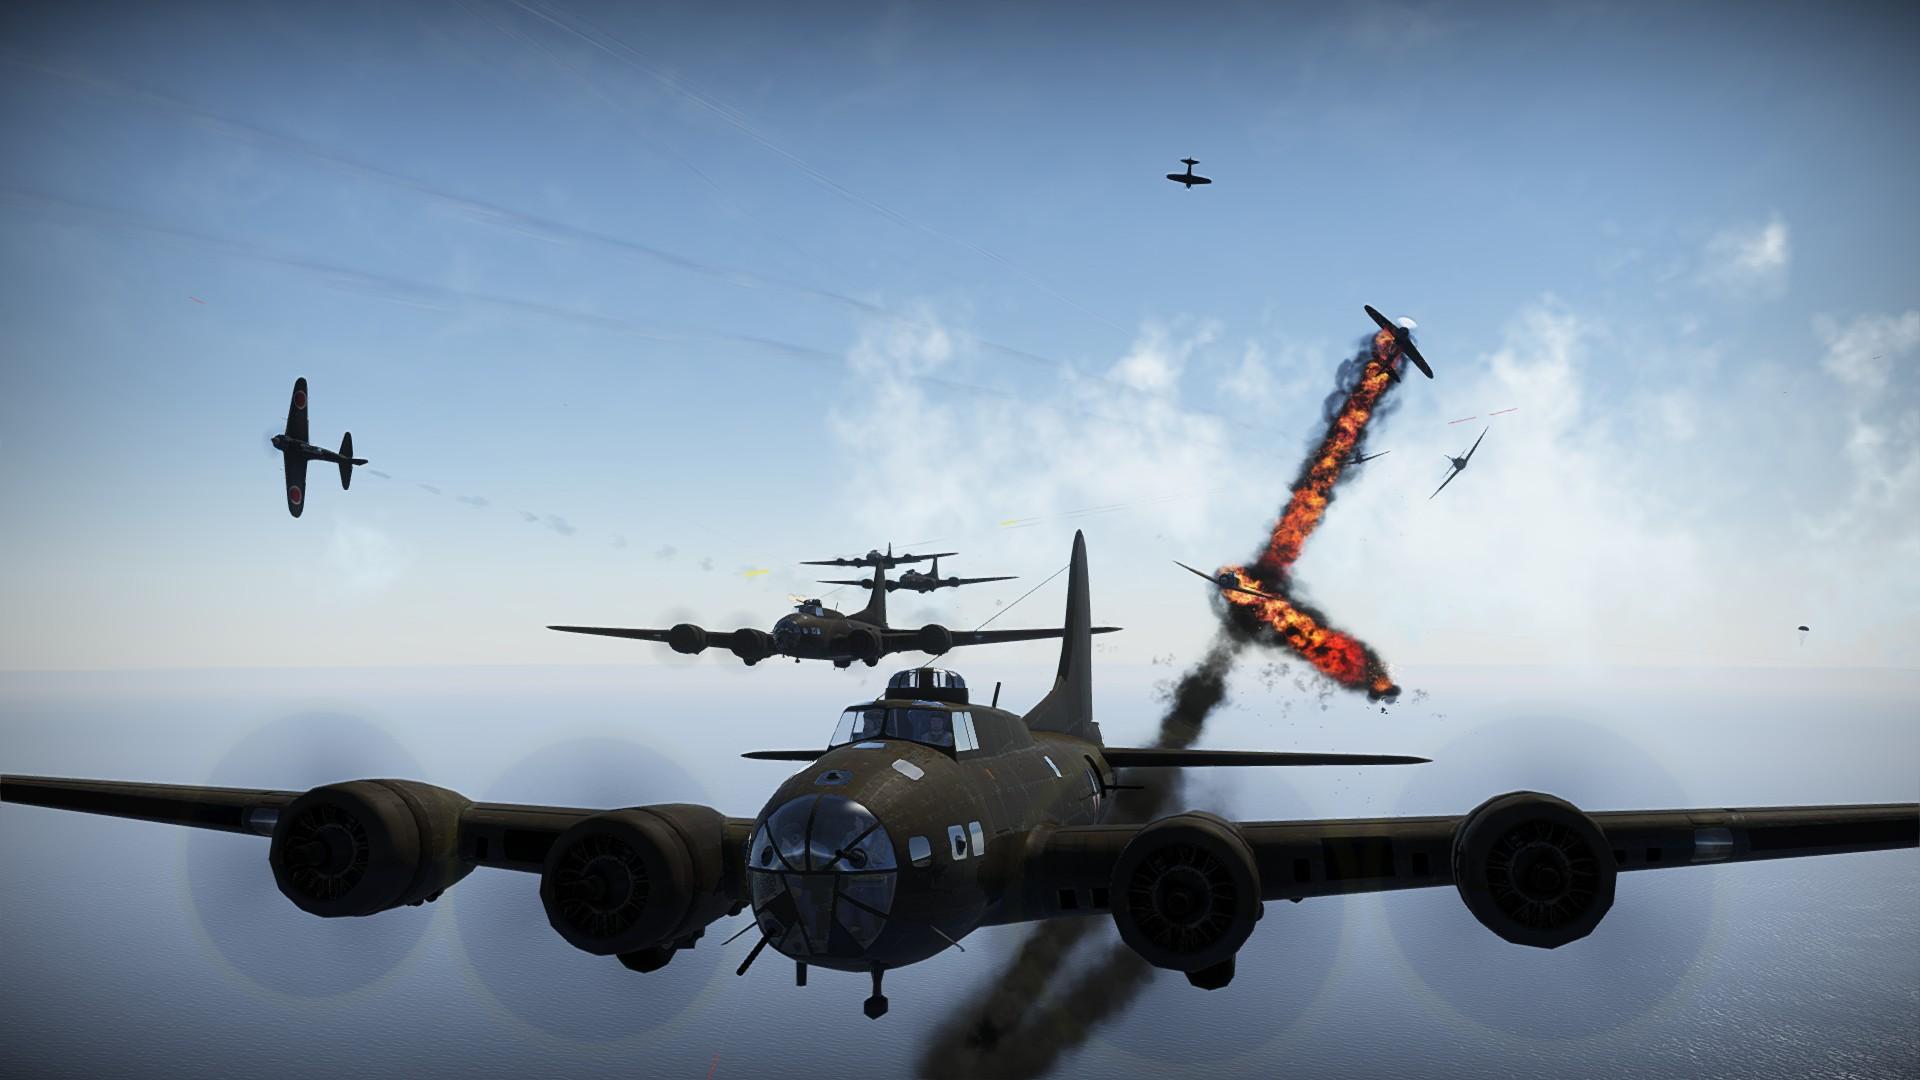 B-17 Formation setzt anfliegende Jäger in Brand